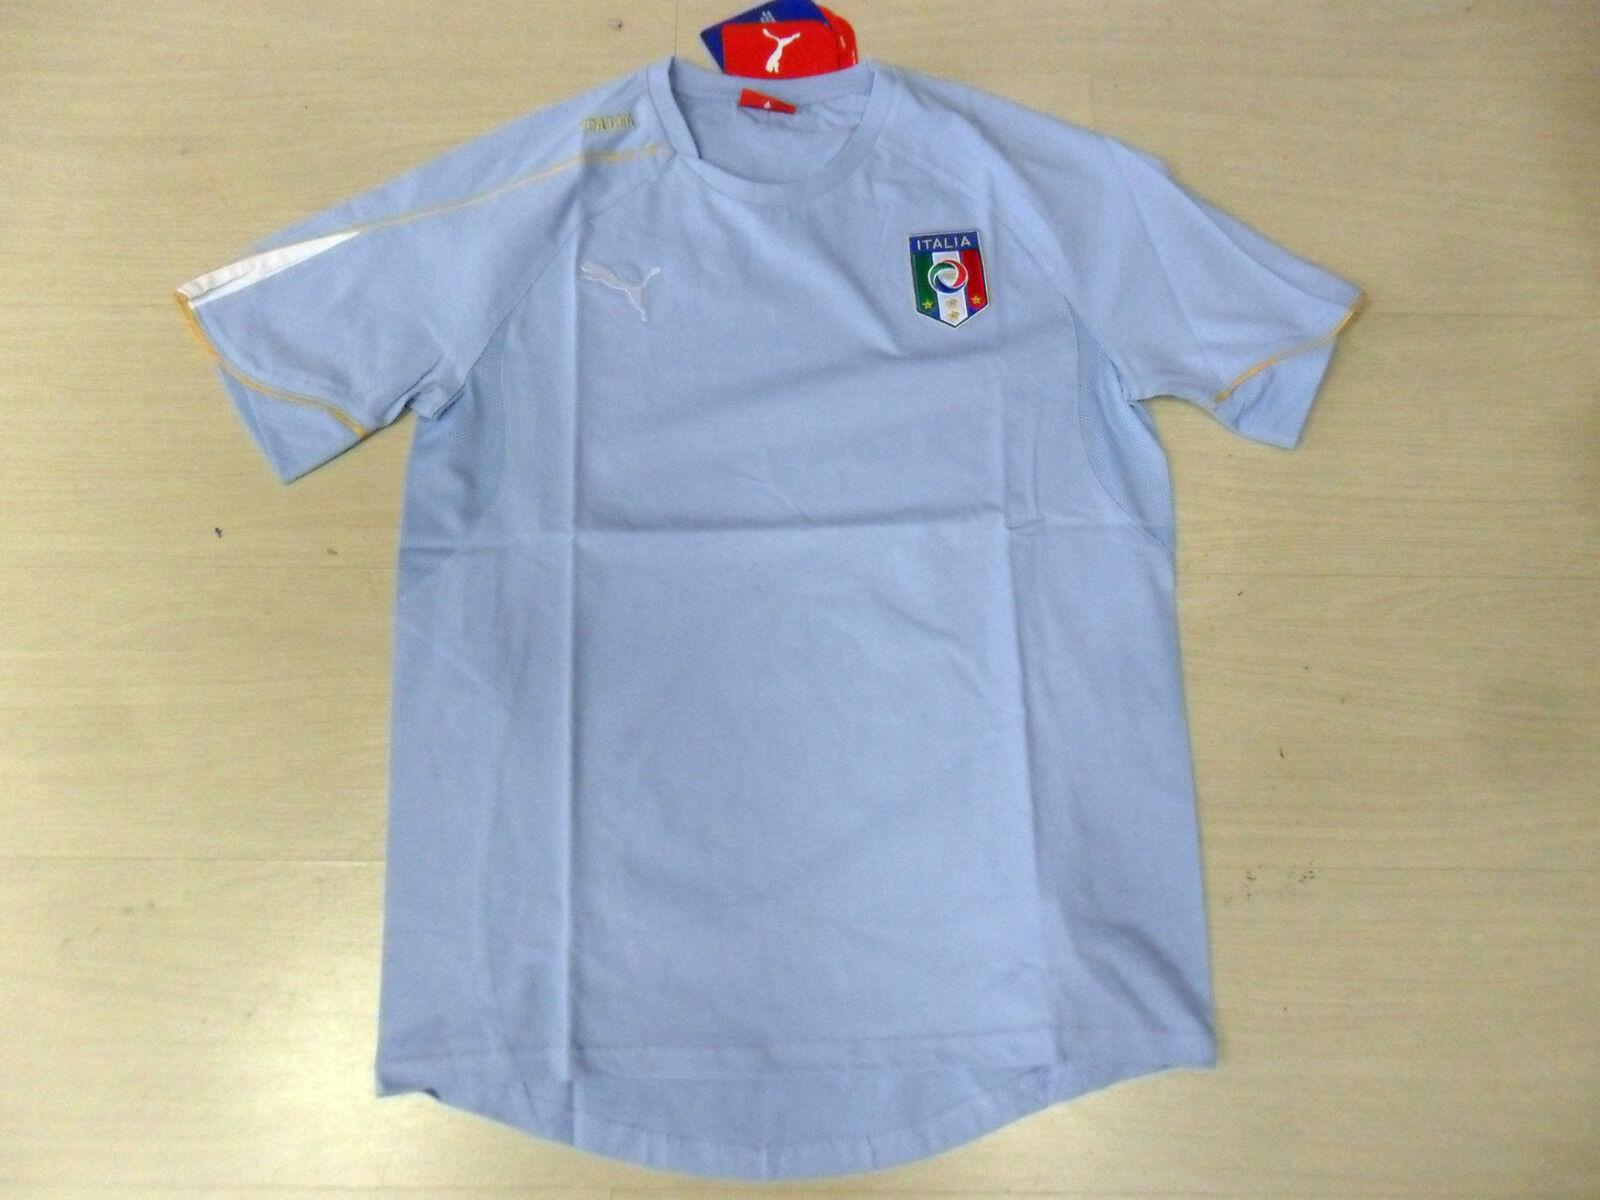 0741 TG XL ITALIA ITALY T-SHIRT MAGLIA MAGLIETTA COTONE COTONE COTONE CELESTE SKY JERSEY TEE 2c5934